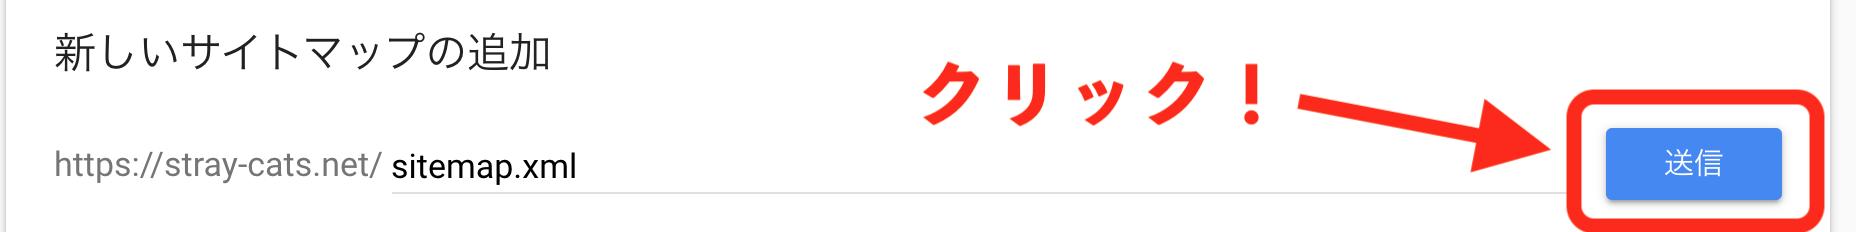 Googleサイトマップ通知